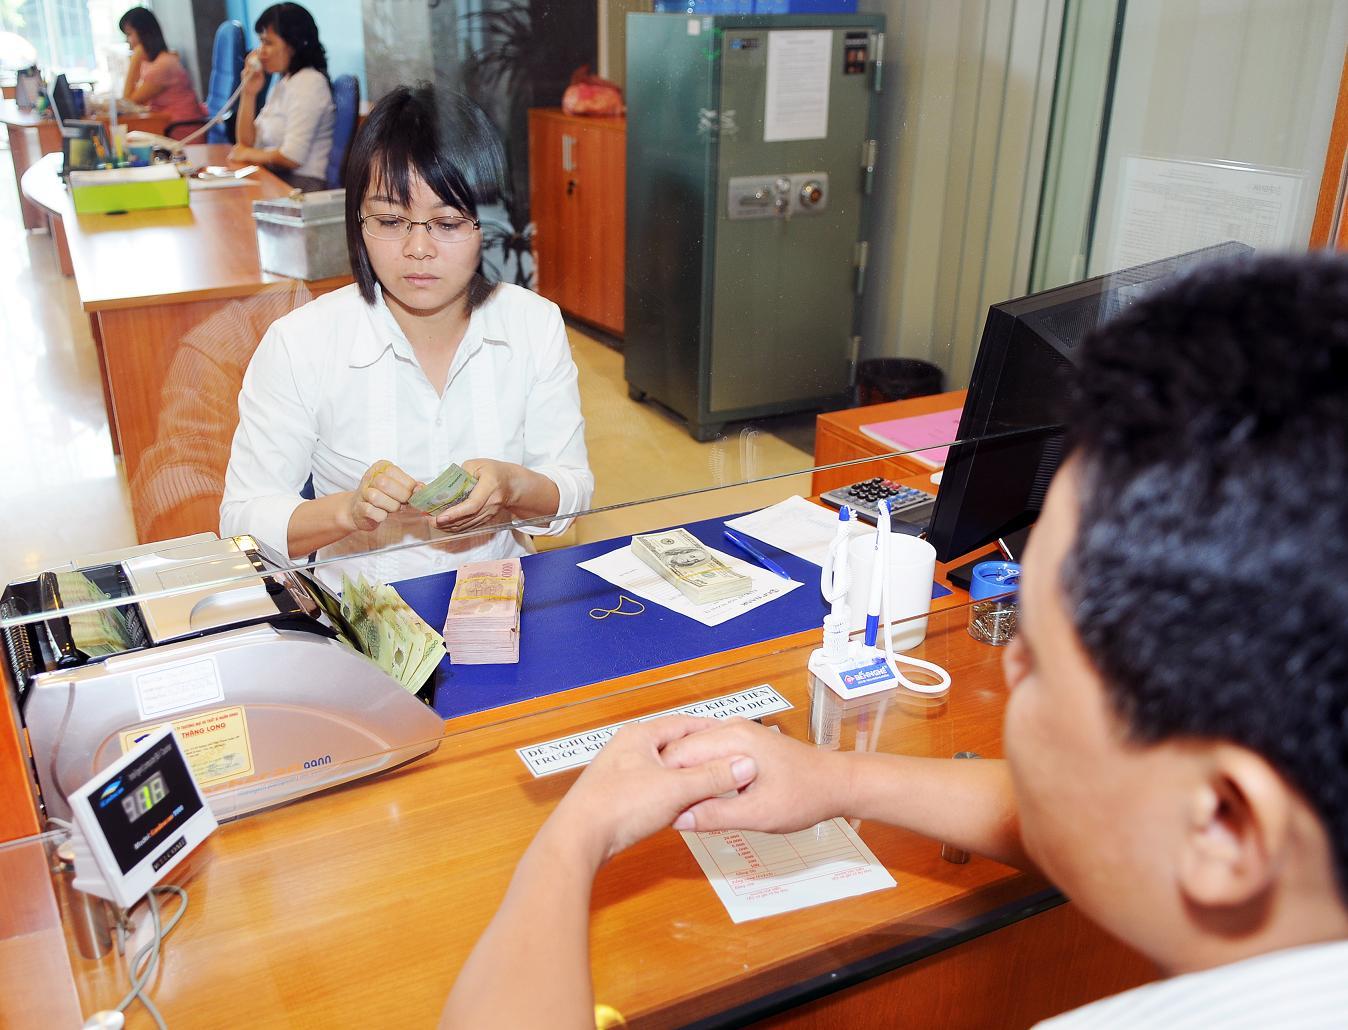 Đề xuất giảm 30 số thuế thu nhập doanh nghiệp đối với doanh nghiệp nhỏ và siêu nhỏ